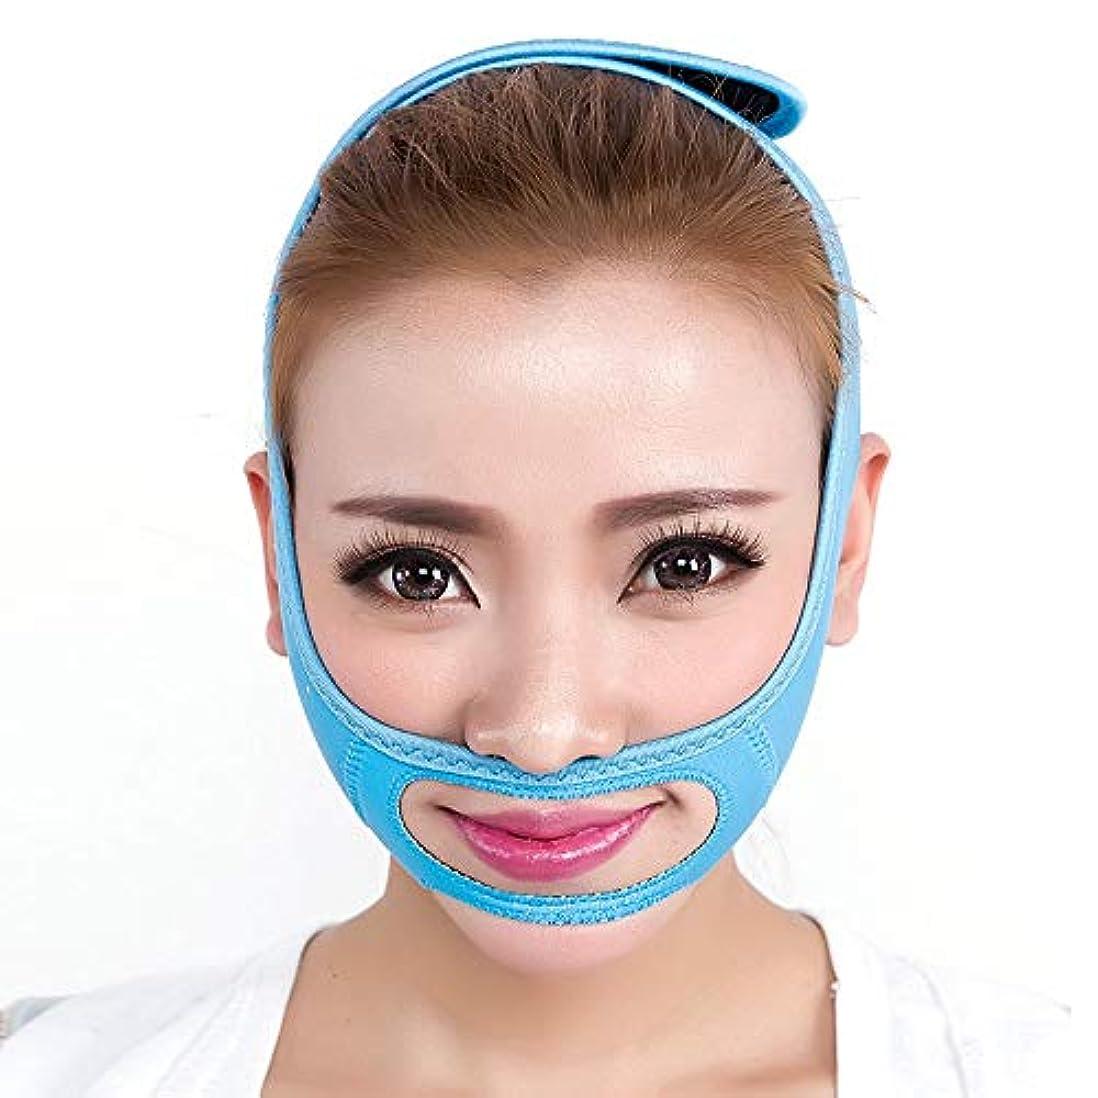 政権健康マリナーJia Jia- シンフェイスマスクシンフェイス包帯シンフェイスアーティファクトシンフェイスフェイシャルリフティングシンフェイススモールVフェイススリープシンフェイスベルト 顔面包帯 (色 : B)